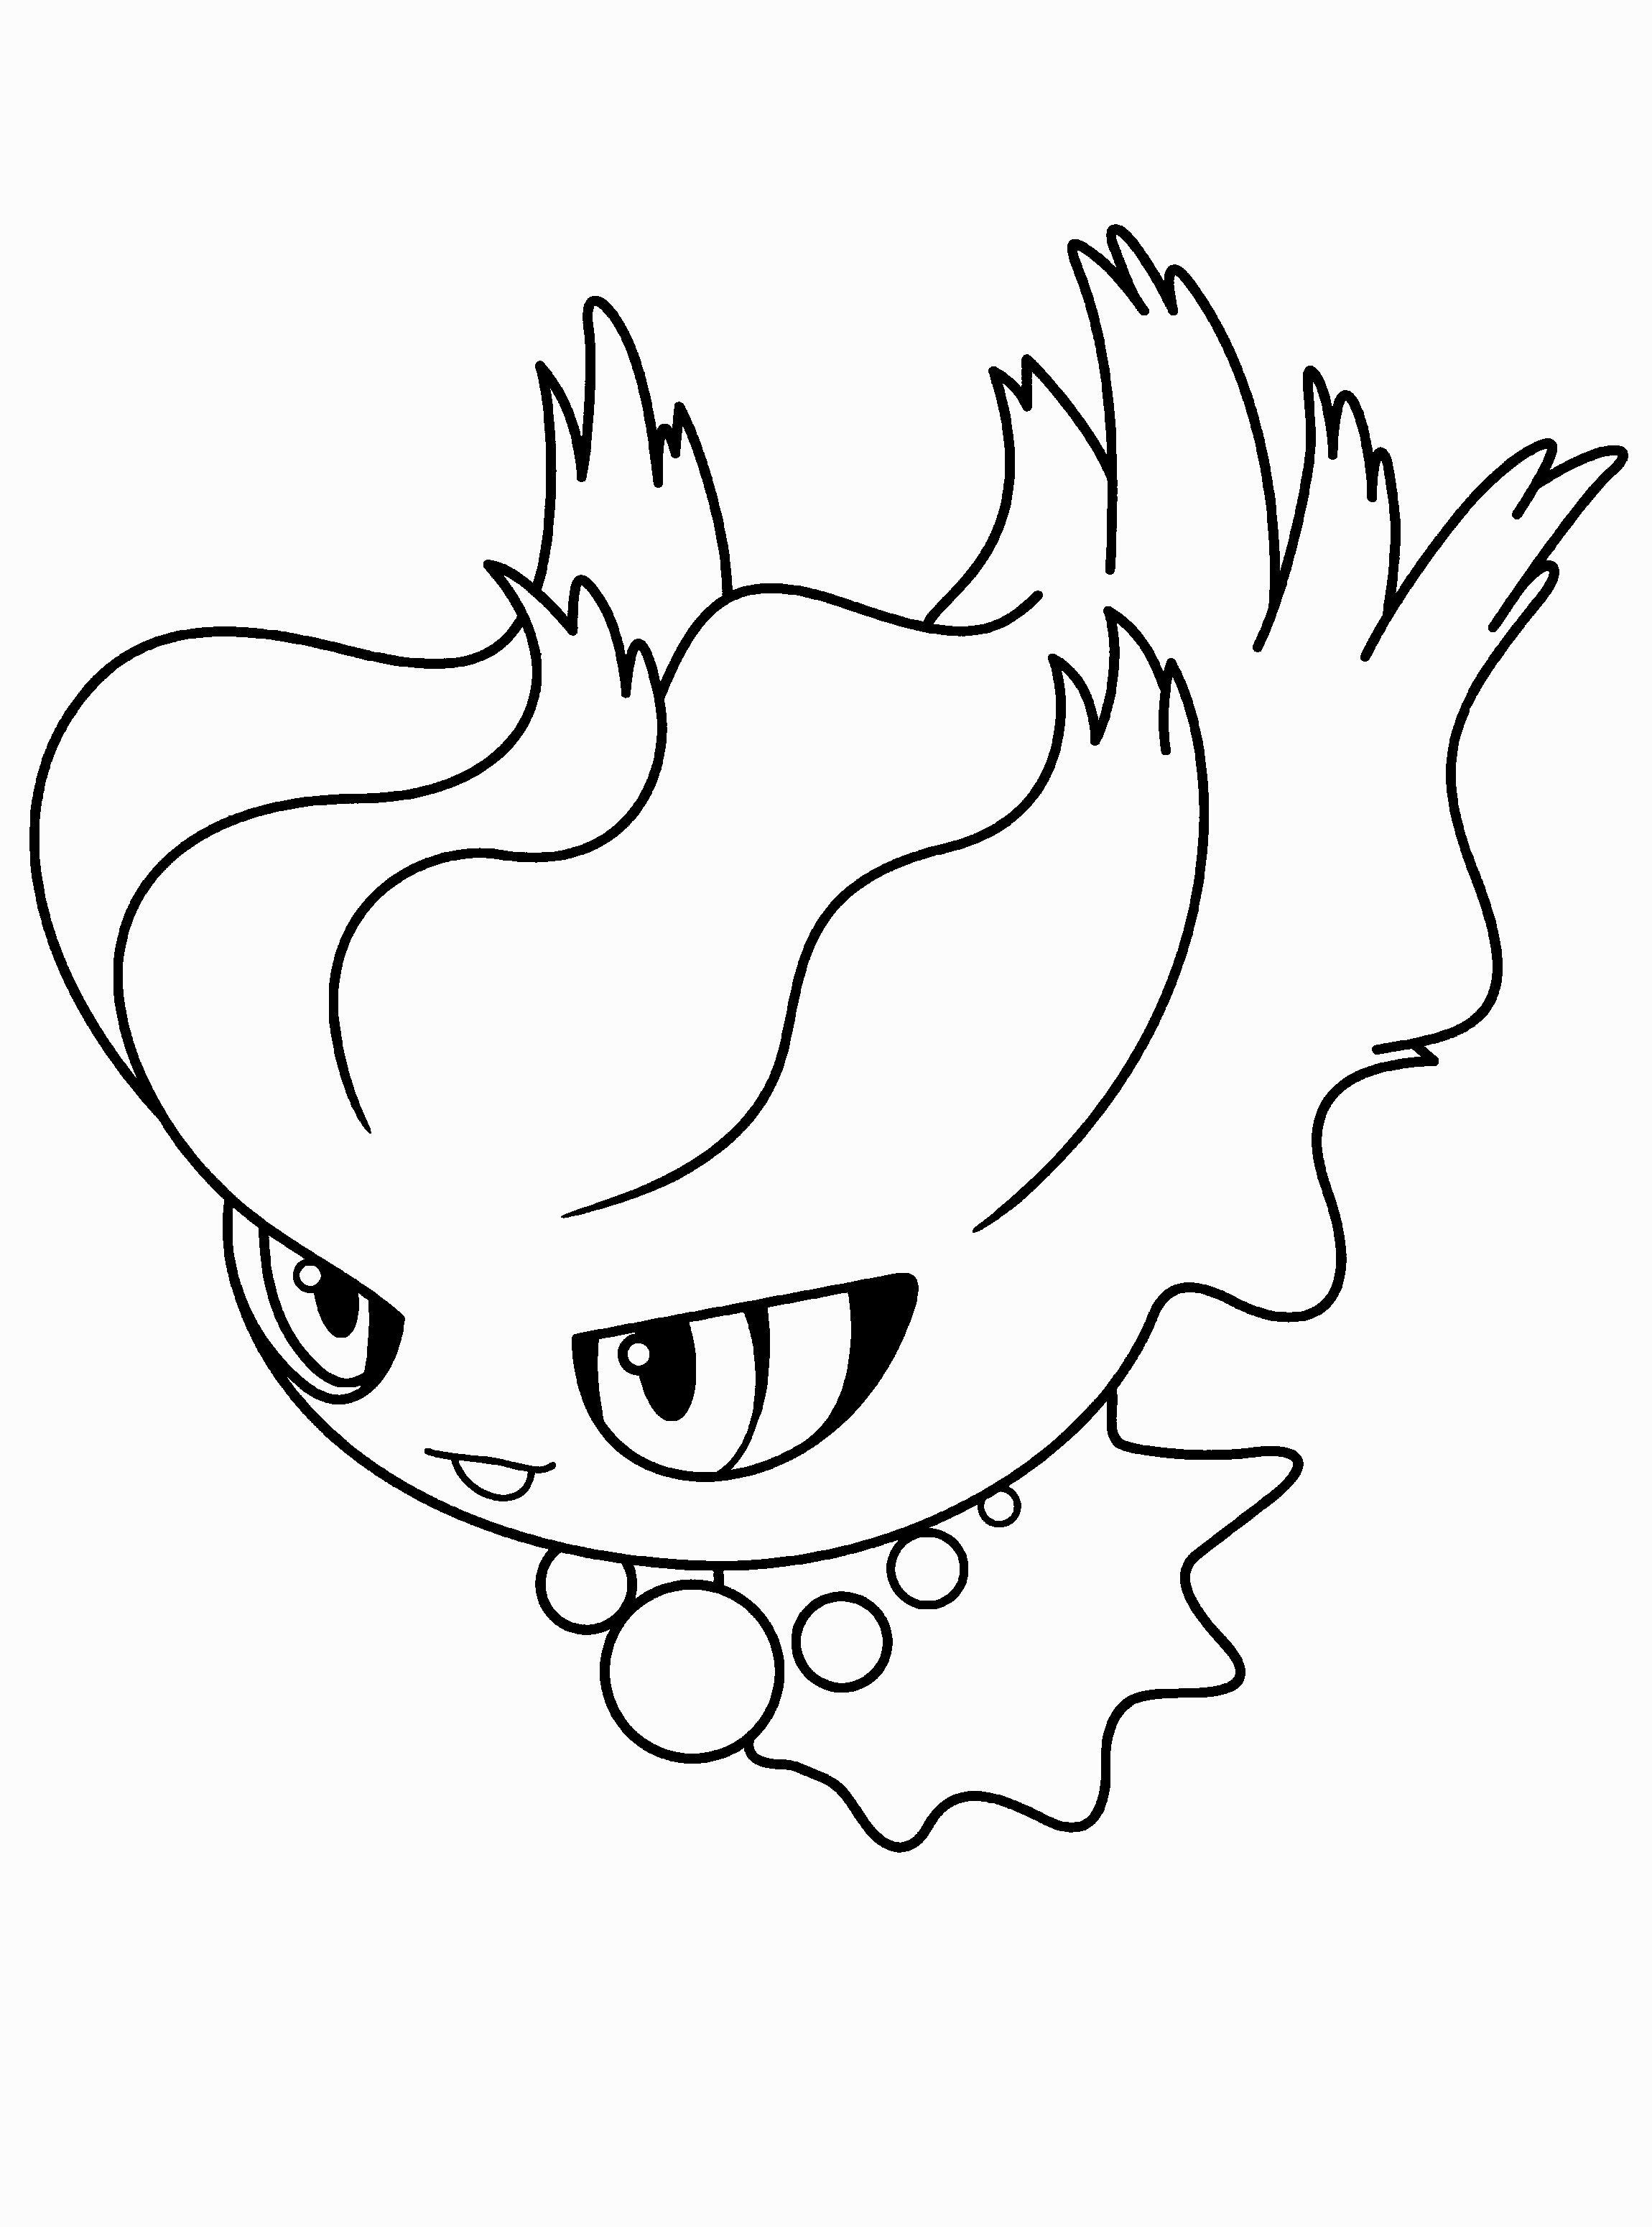 Dibujos Para Colorear De Pokemon Dibujos Para Colorear Pokemon Arte En Lienzo De Bricolaje Colorear Pokemon